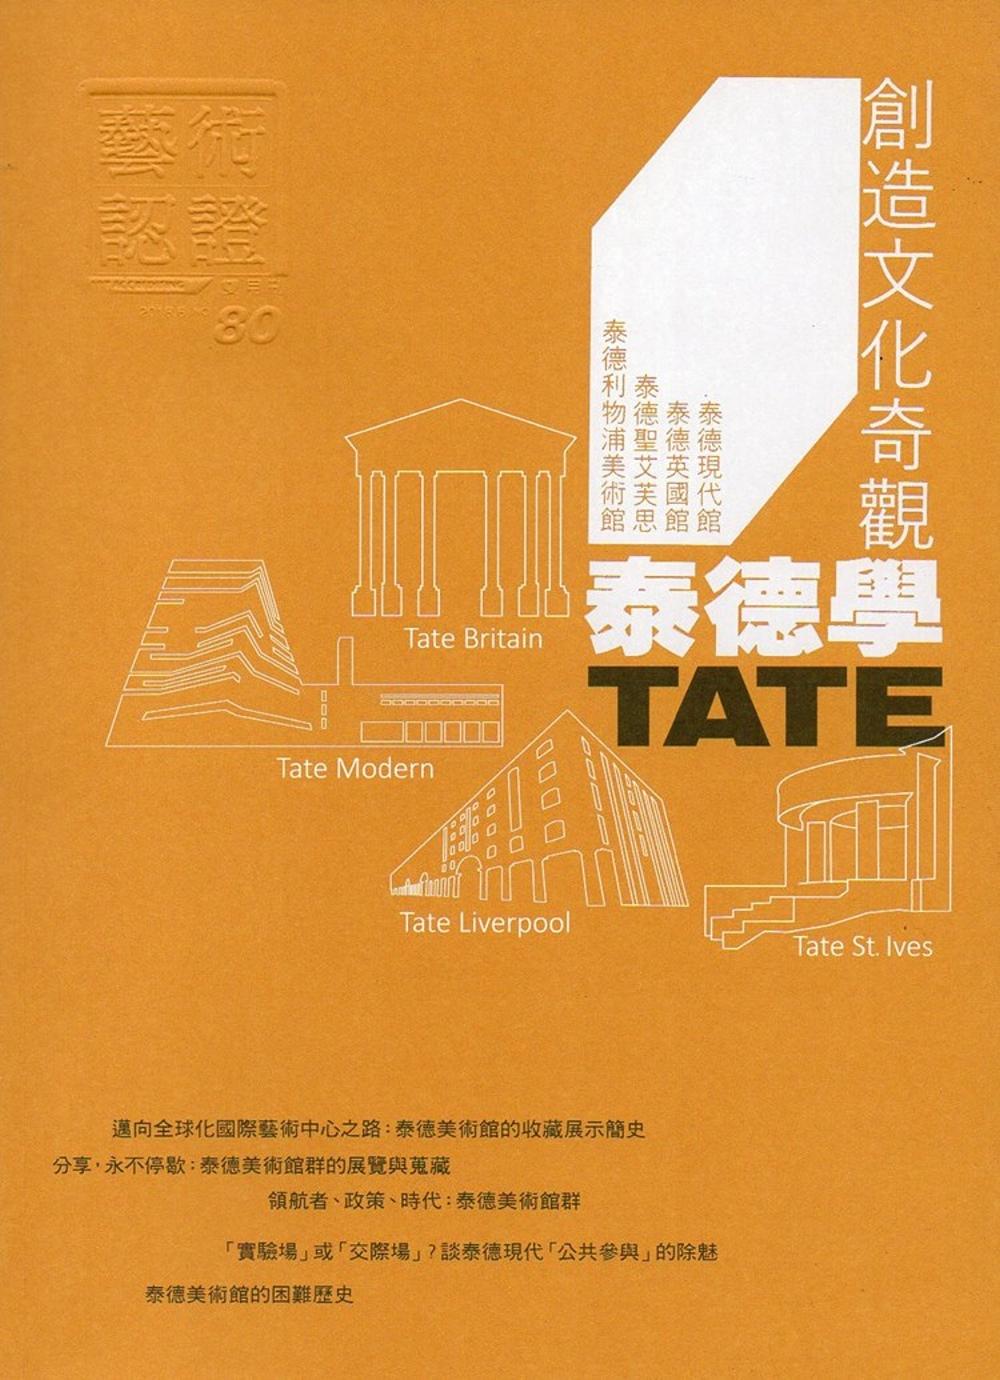 藝術認證(雙月刊)NO.80(2018.06)-創造文化奇觀‧泰德學